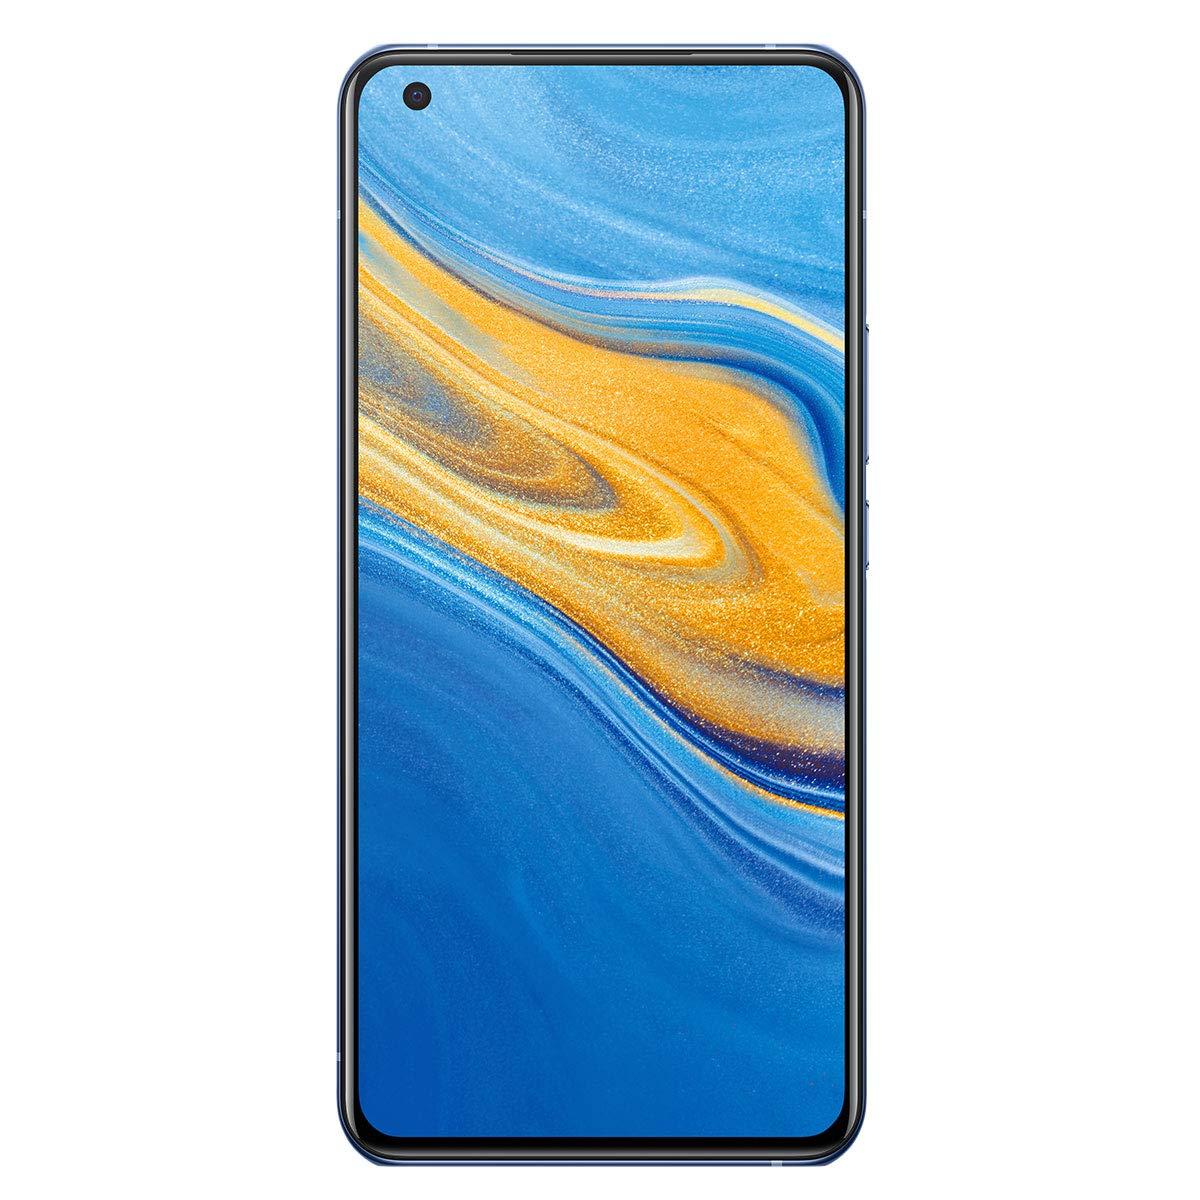 Vivo X50 (Frost Blue, 8GB RAM, 128GB Storage)